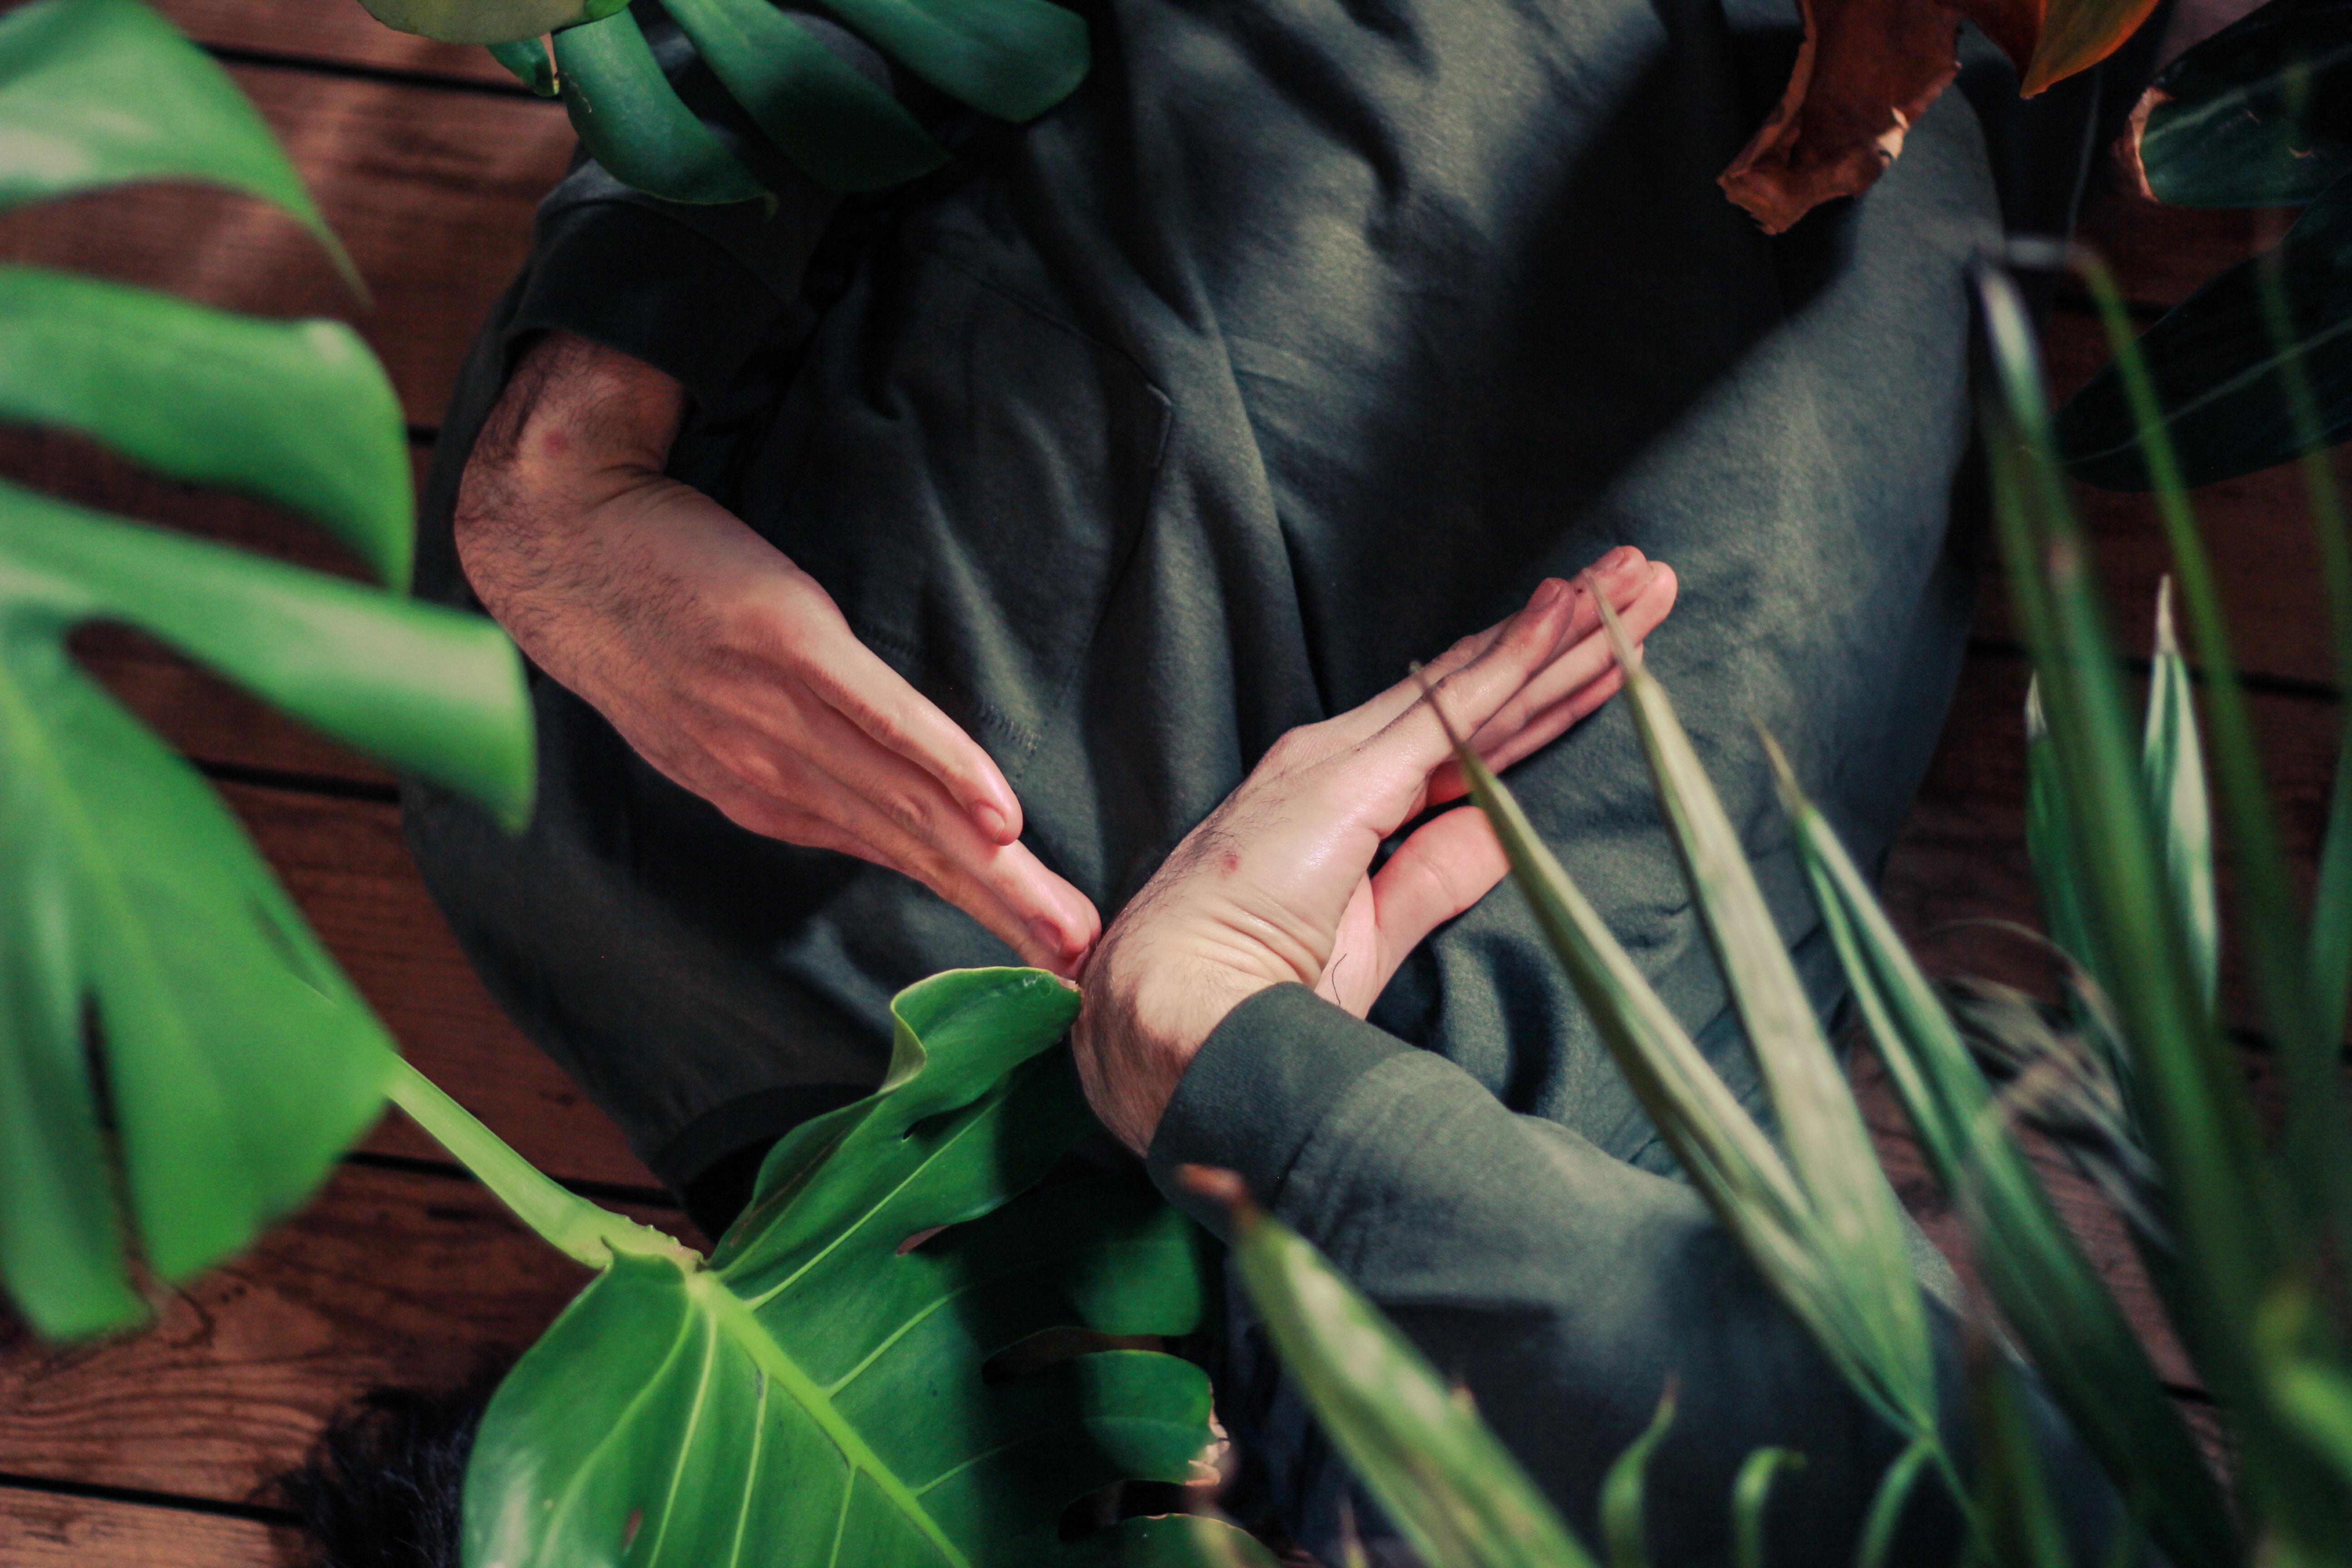 hands in garden